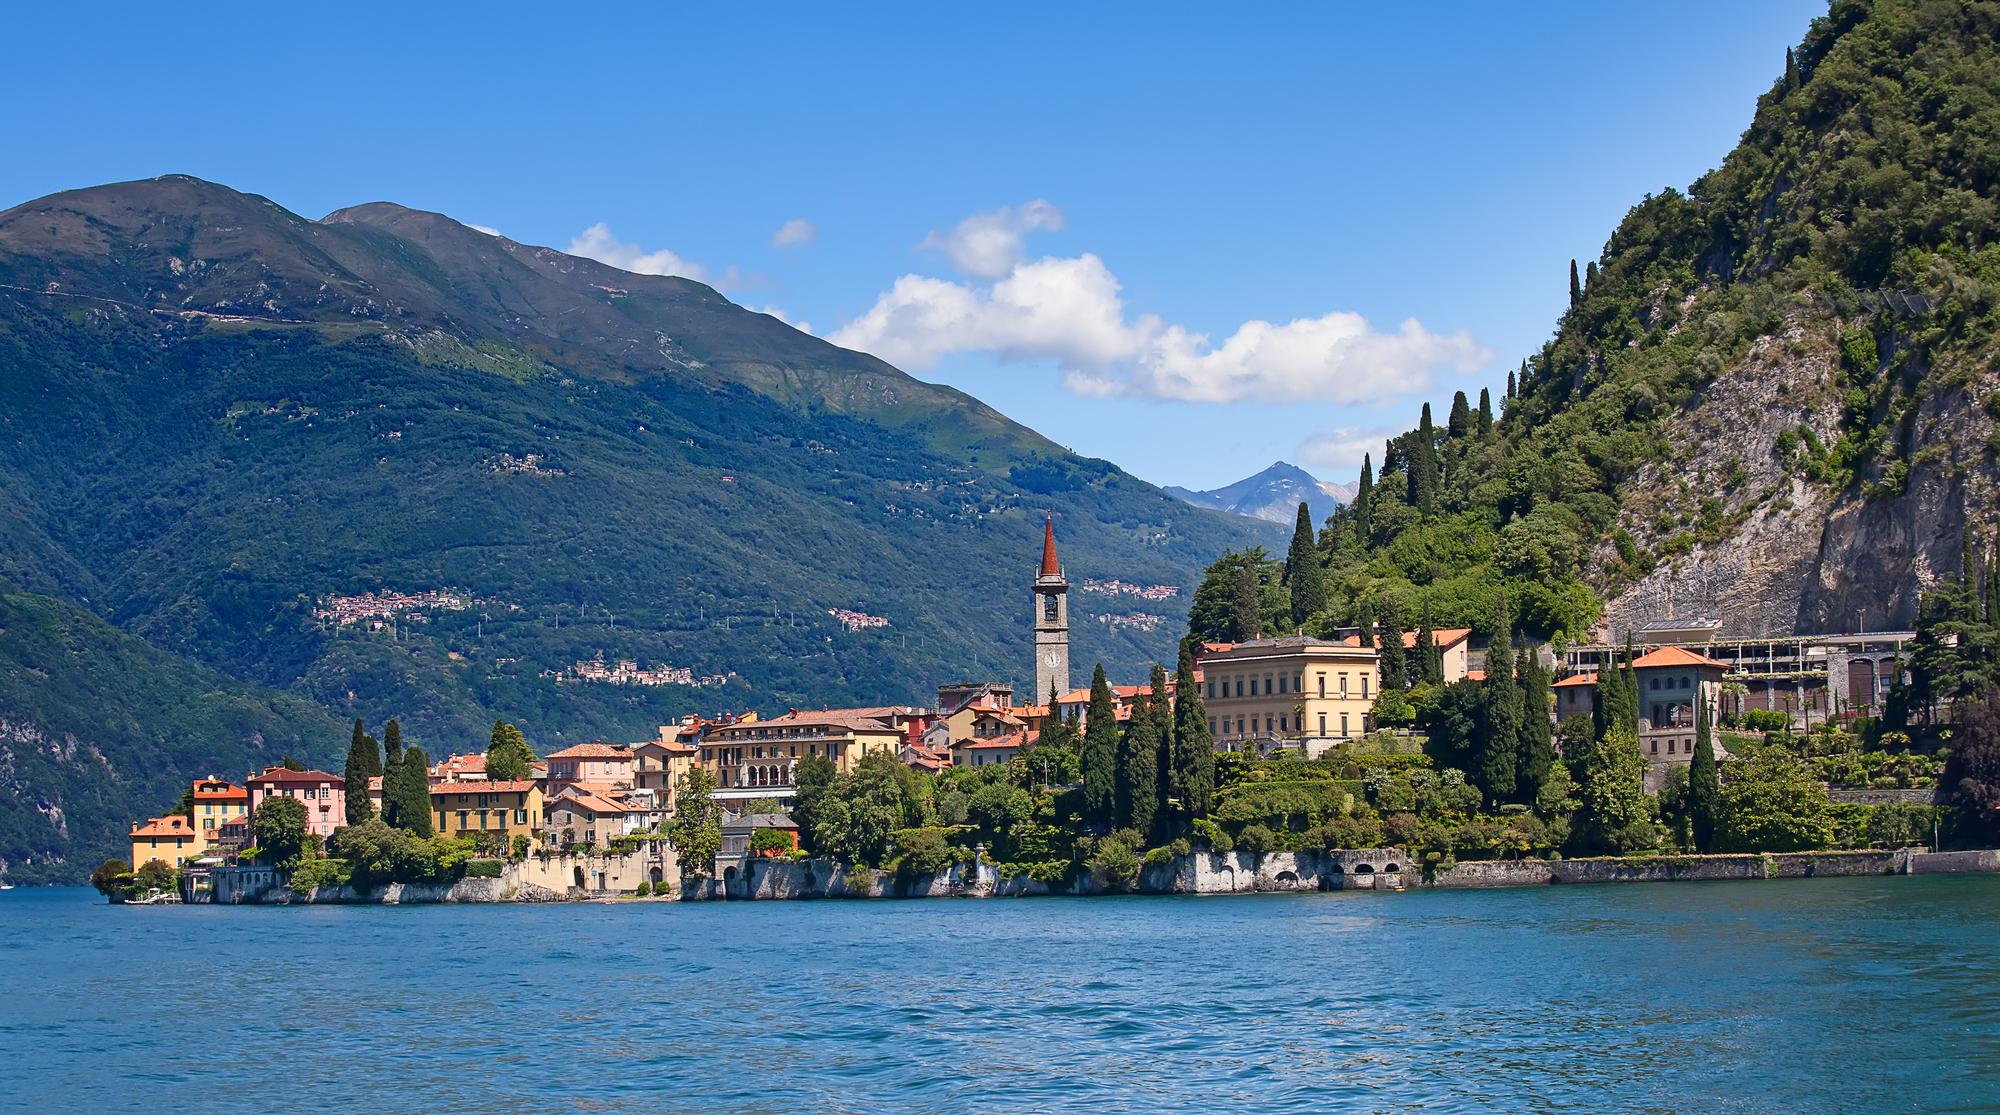 Cerchi una soluzione abitativa in un luogo piacevole poco distante da Milano?